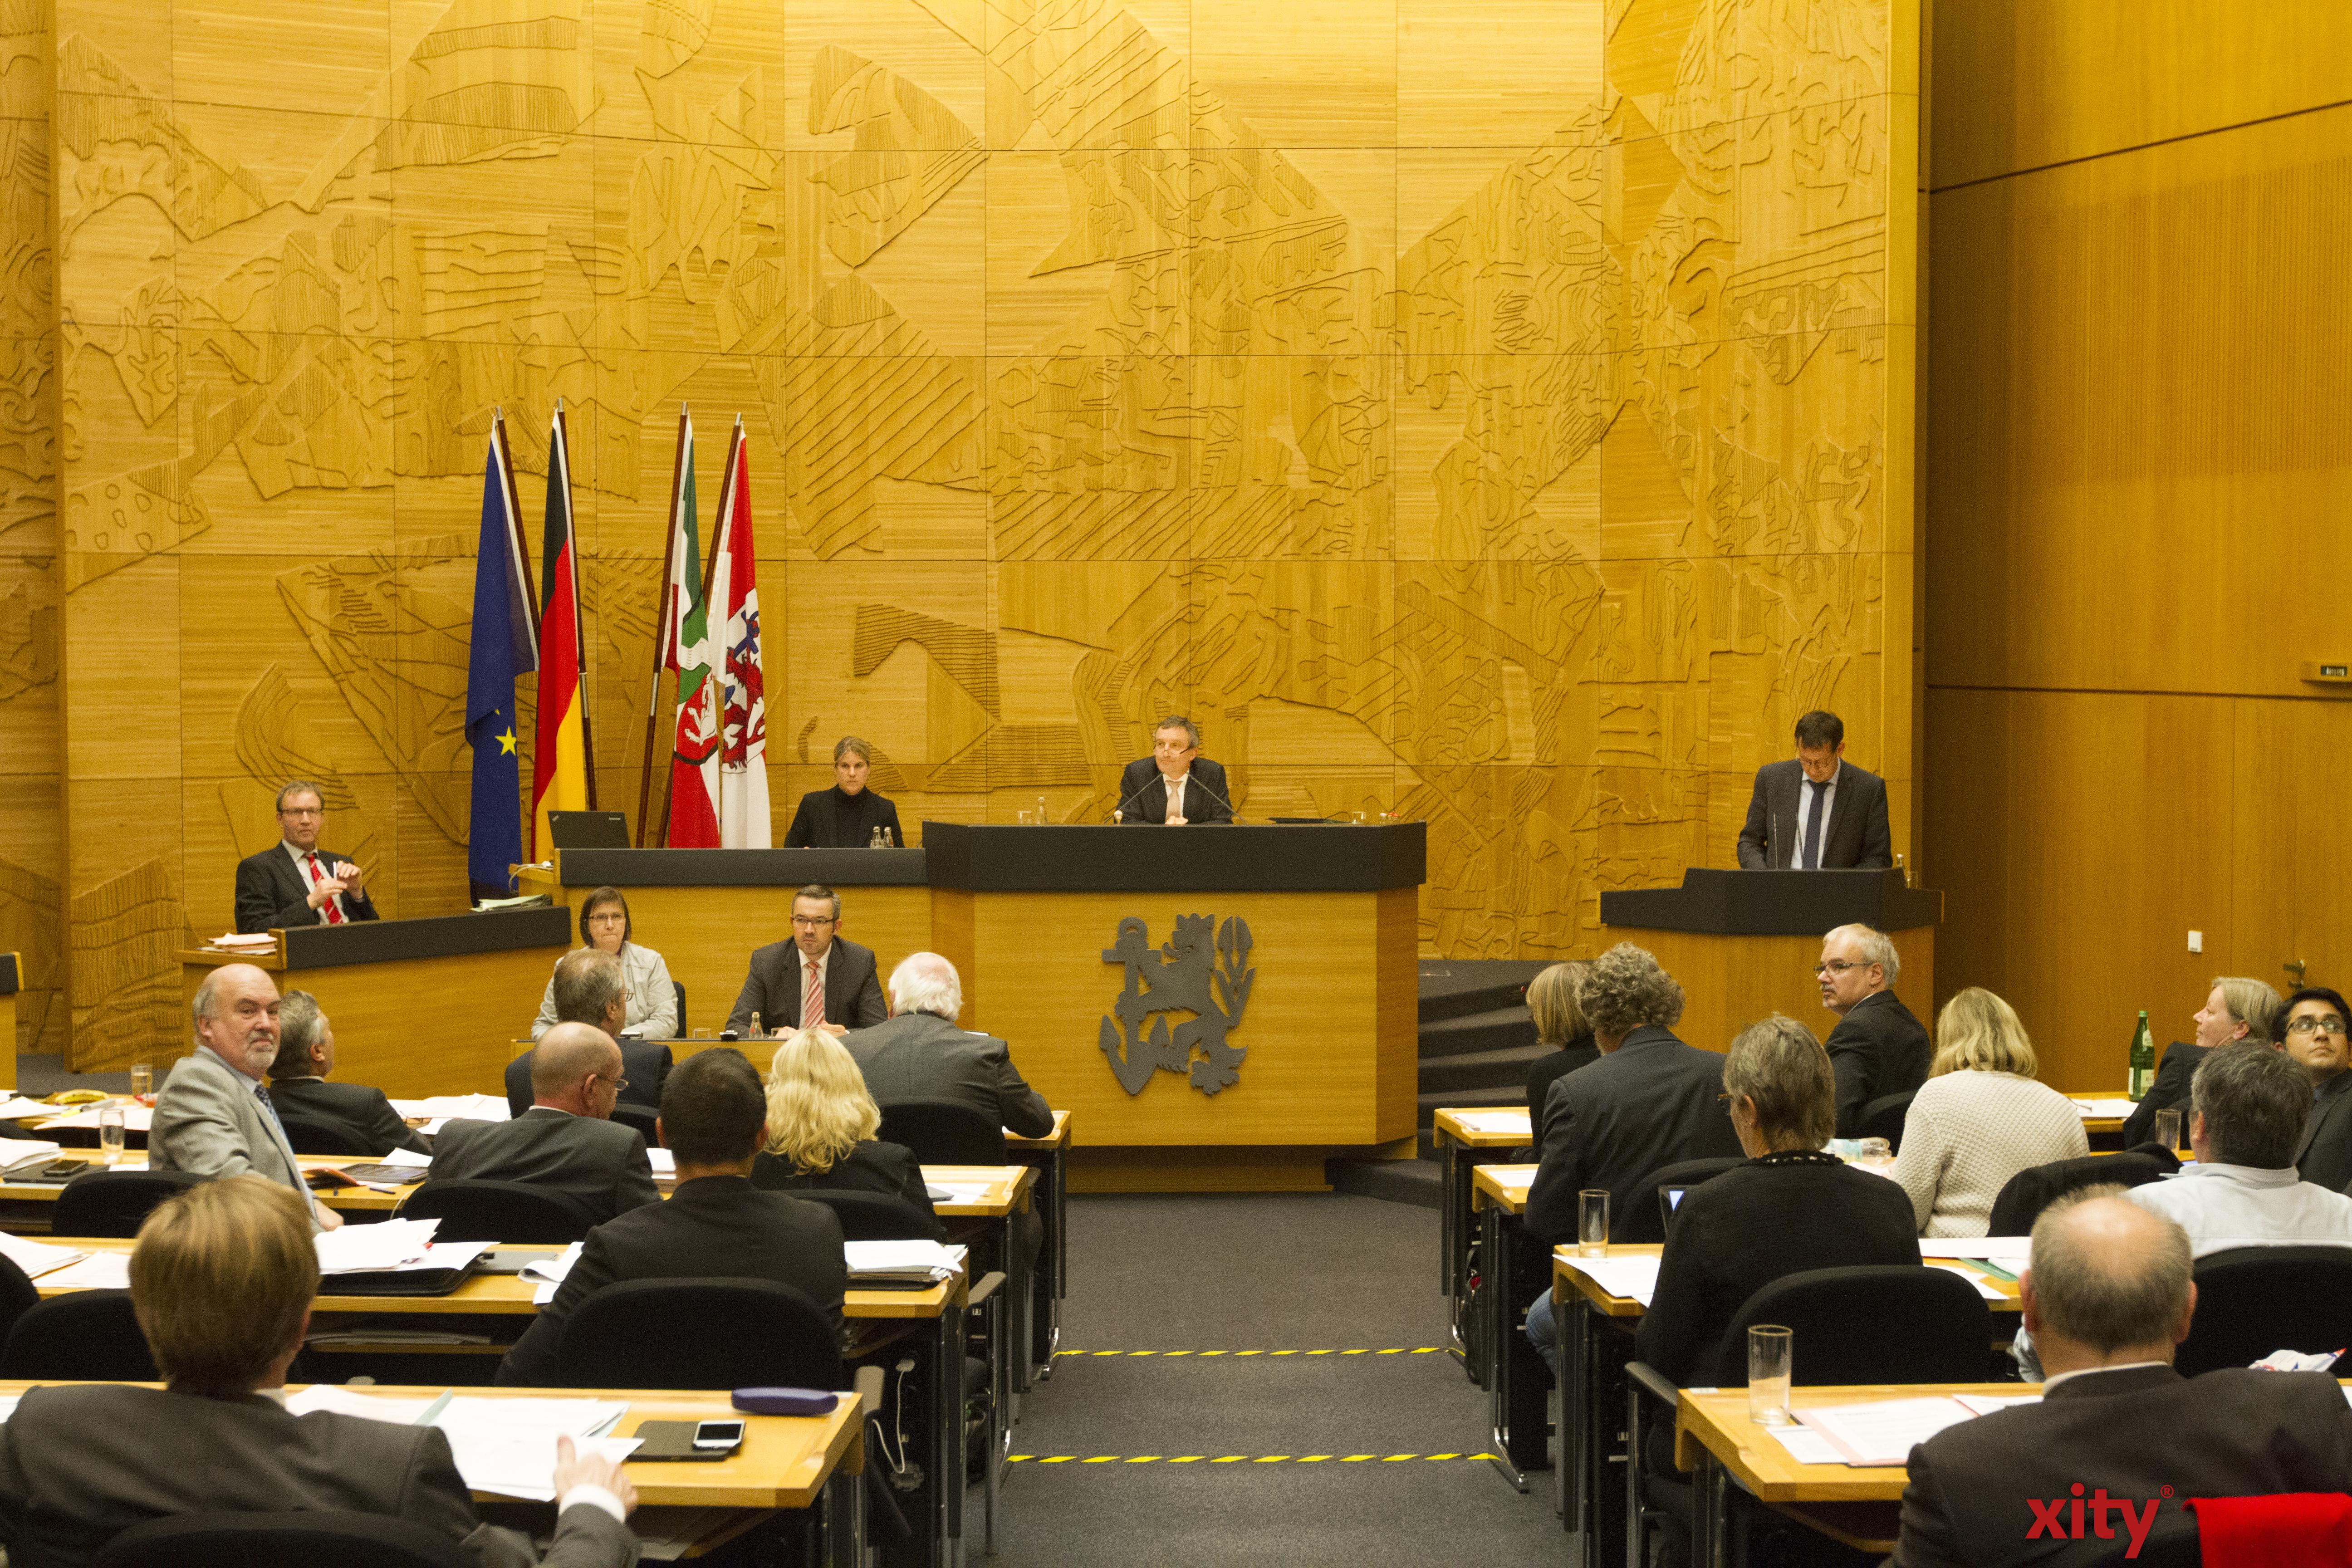 Am Donnerstag tagte der Rat der Stadt Düsseldorf (Foto: xity)